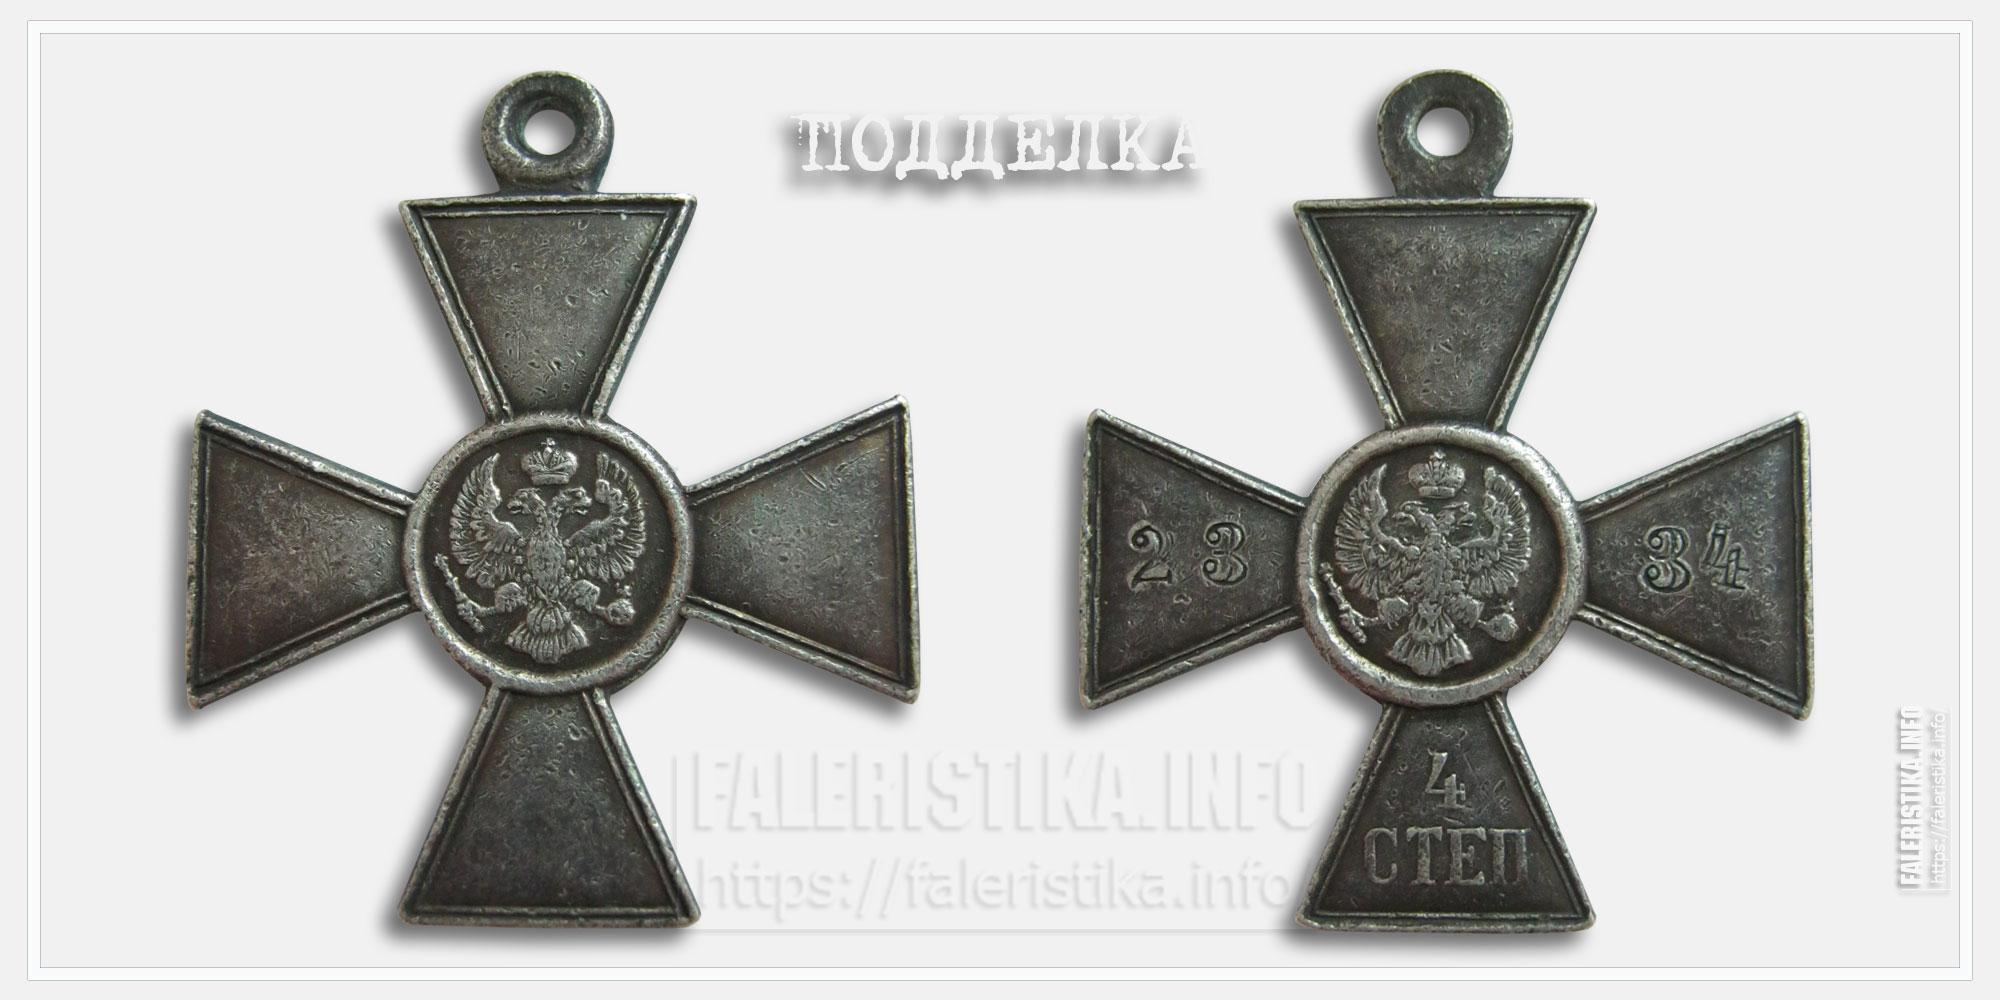 Георгиевский крест 4 ст.№2.334 (Для иноверцев, подделка)